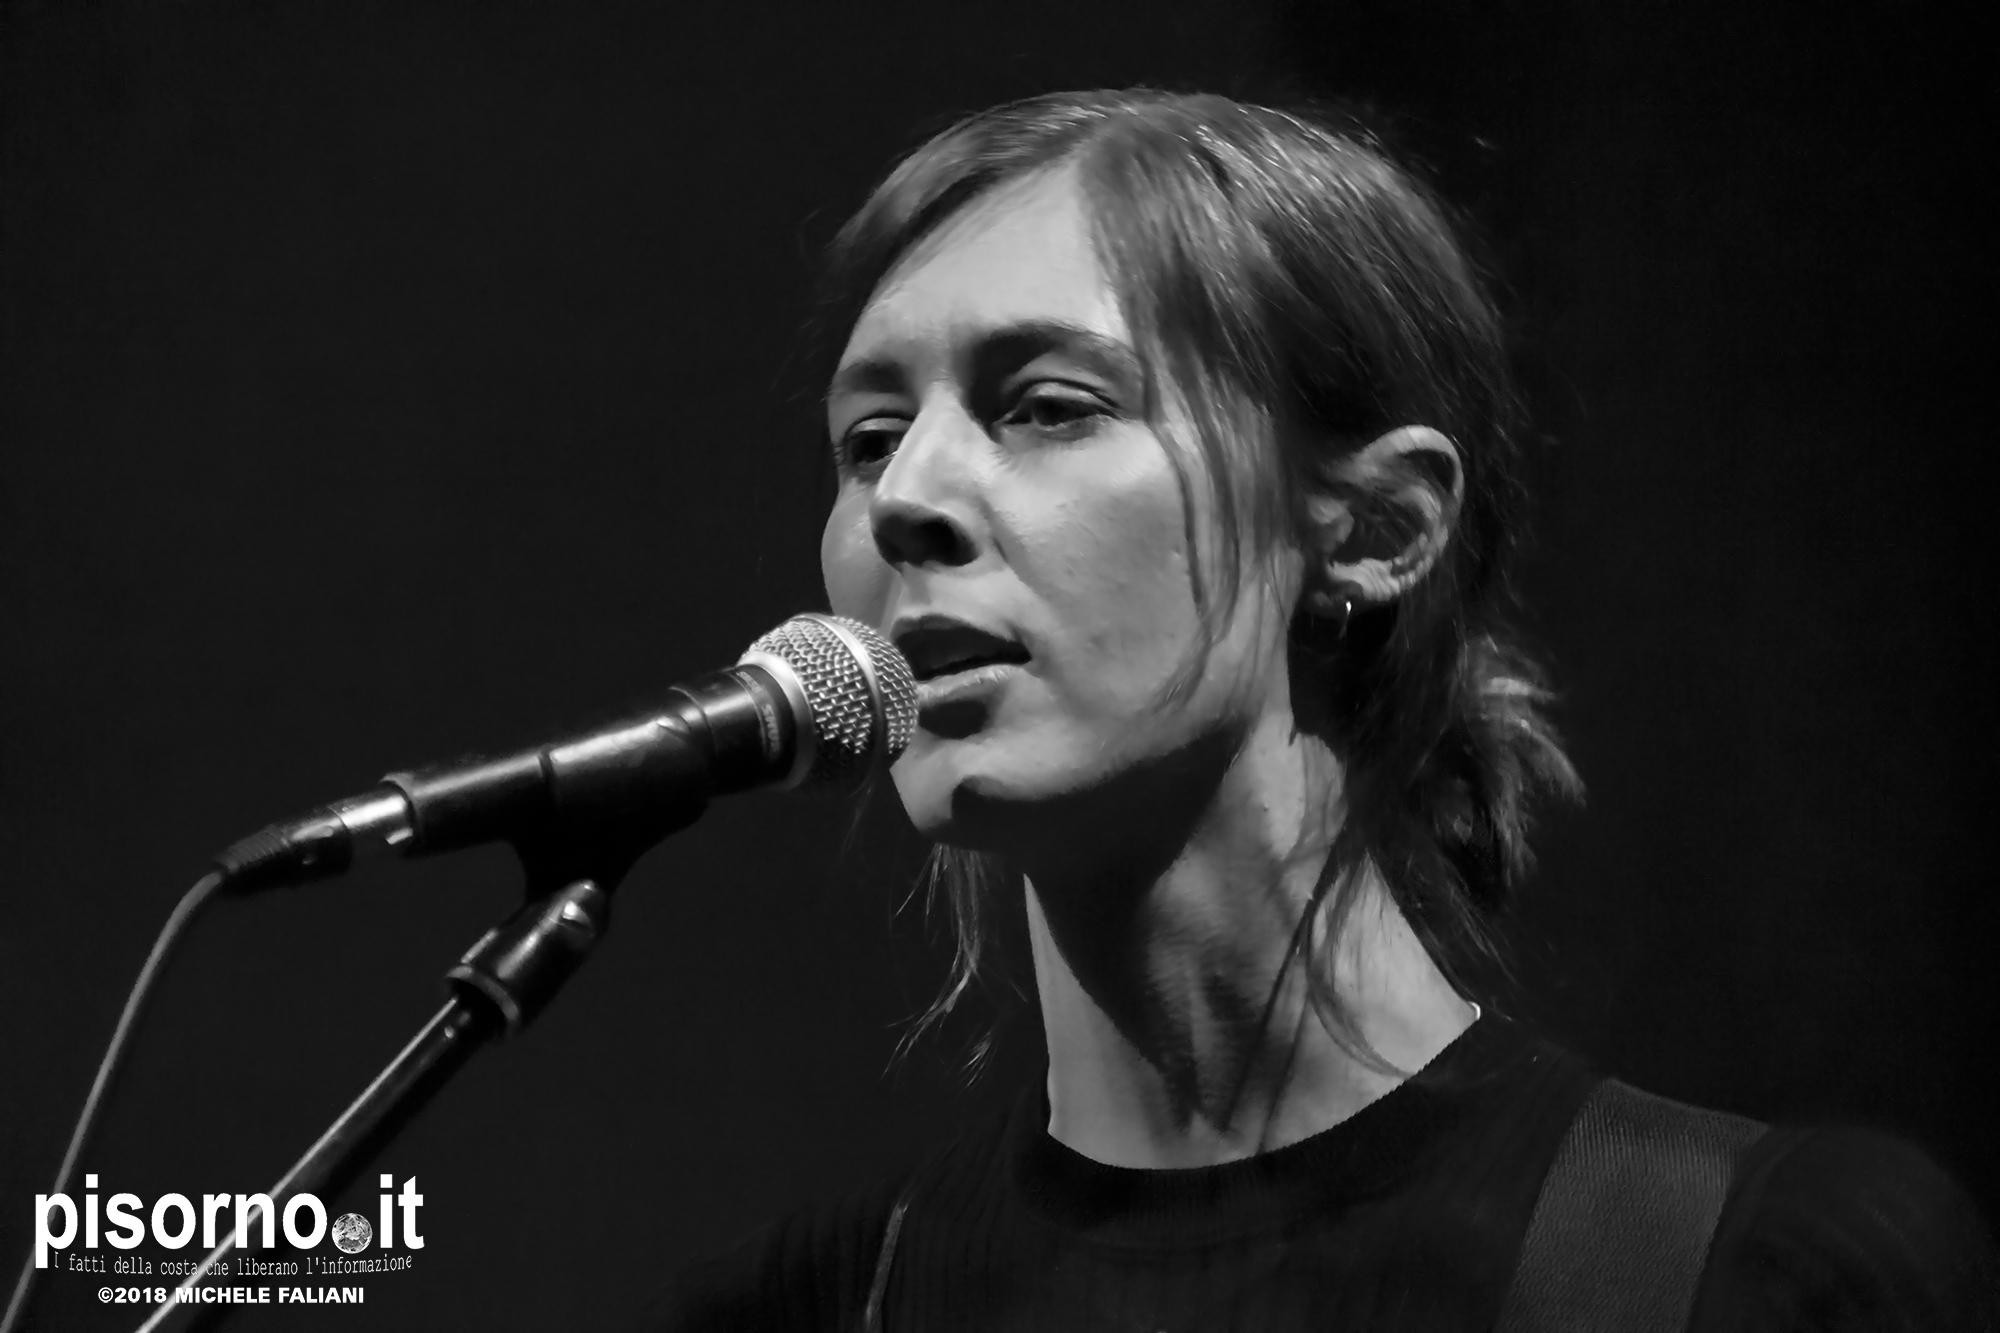 Carla dal Forno live @ Sala Vanni (Firenze, Italy) April 27th 2018